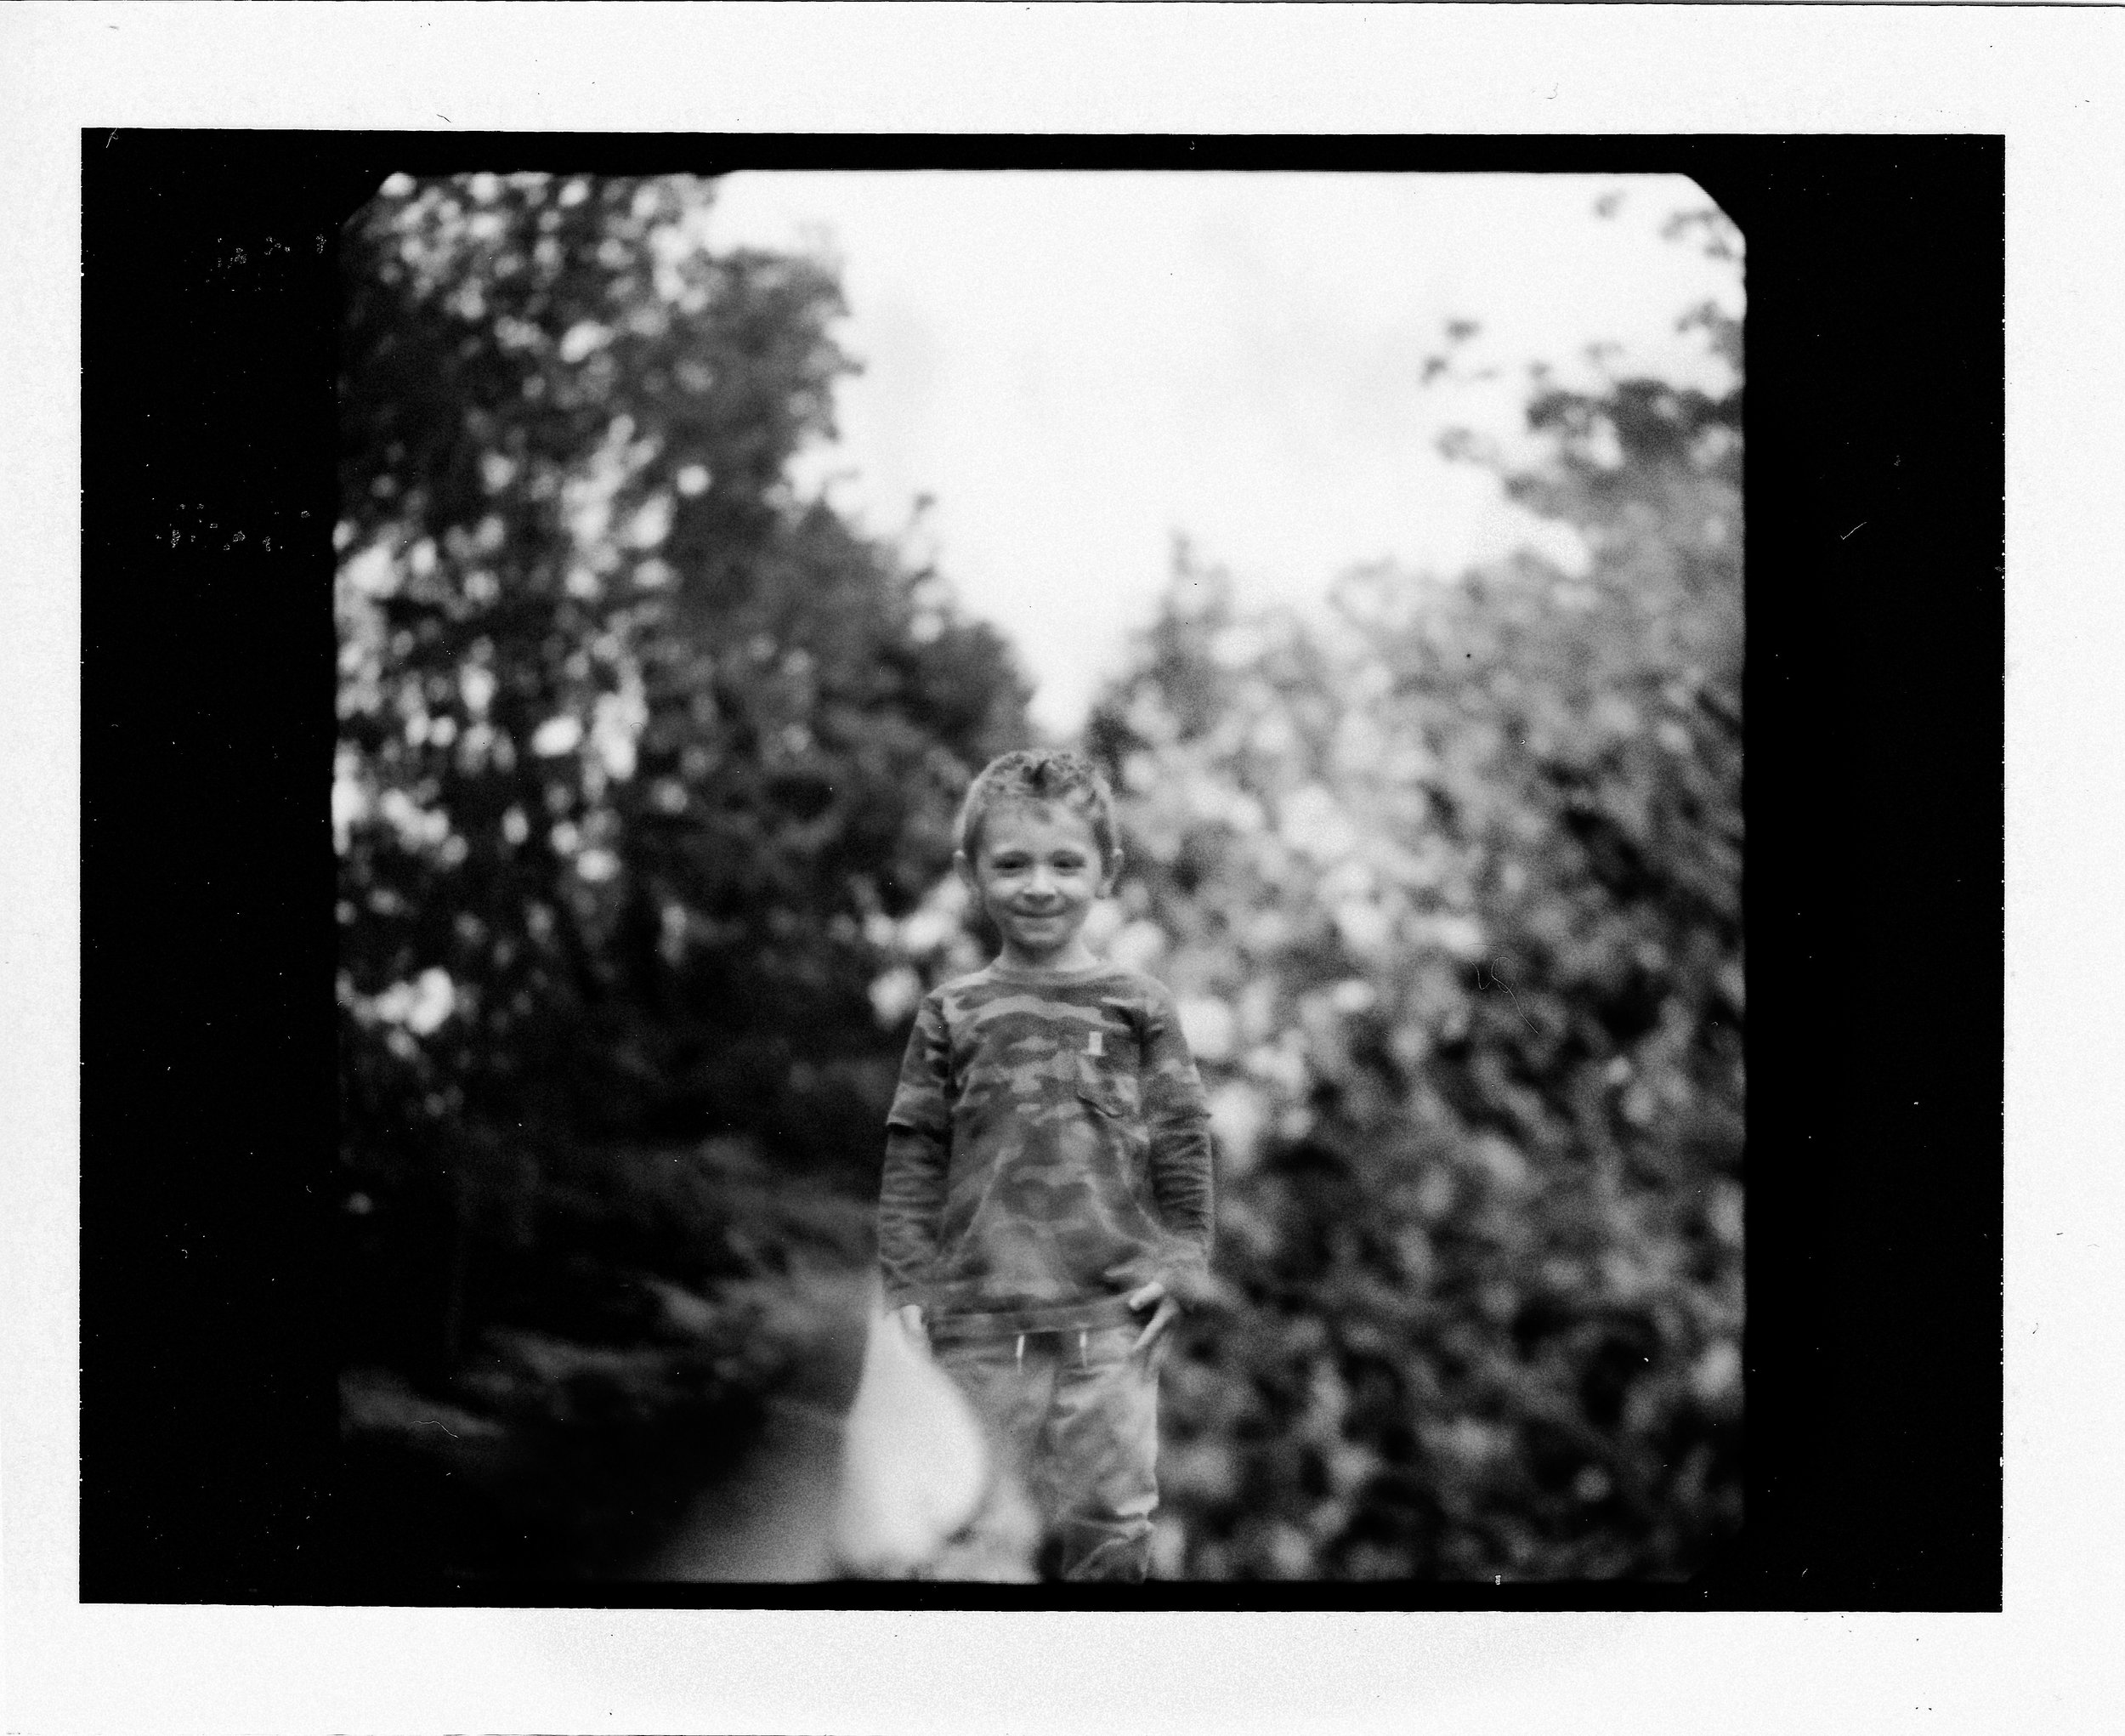 jay-cassario-polaroid-RZ670001.jpg